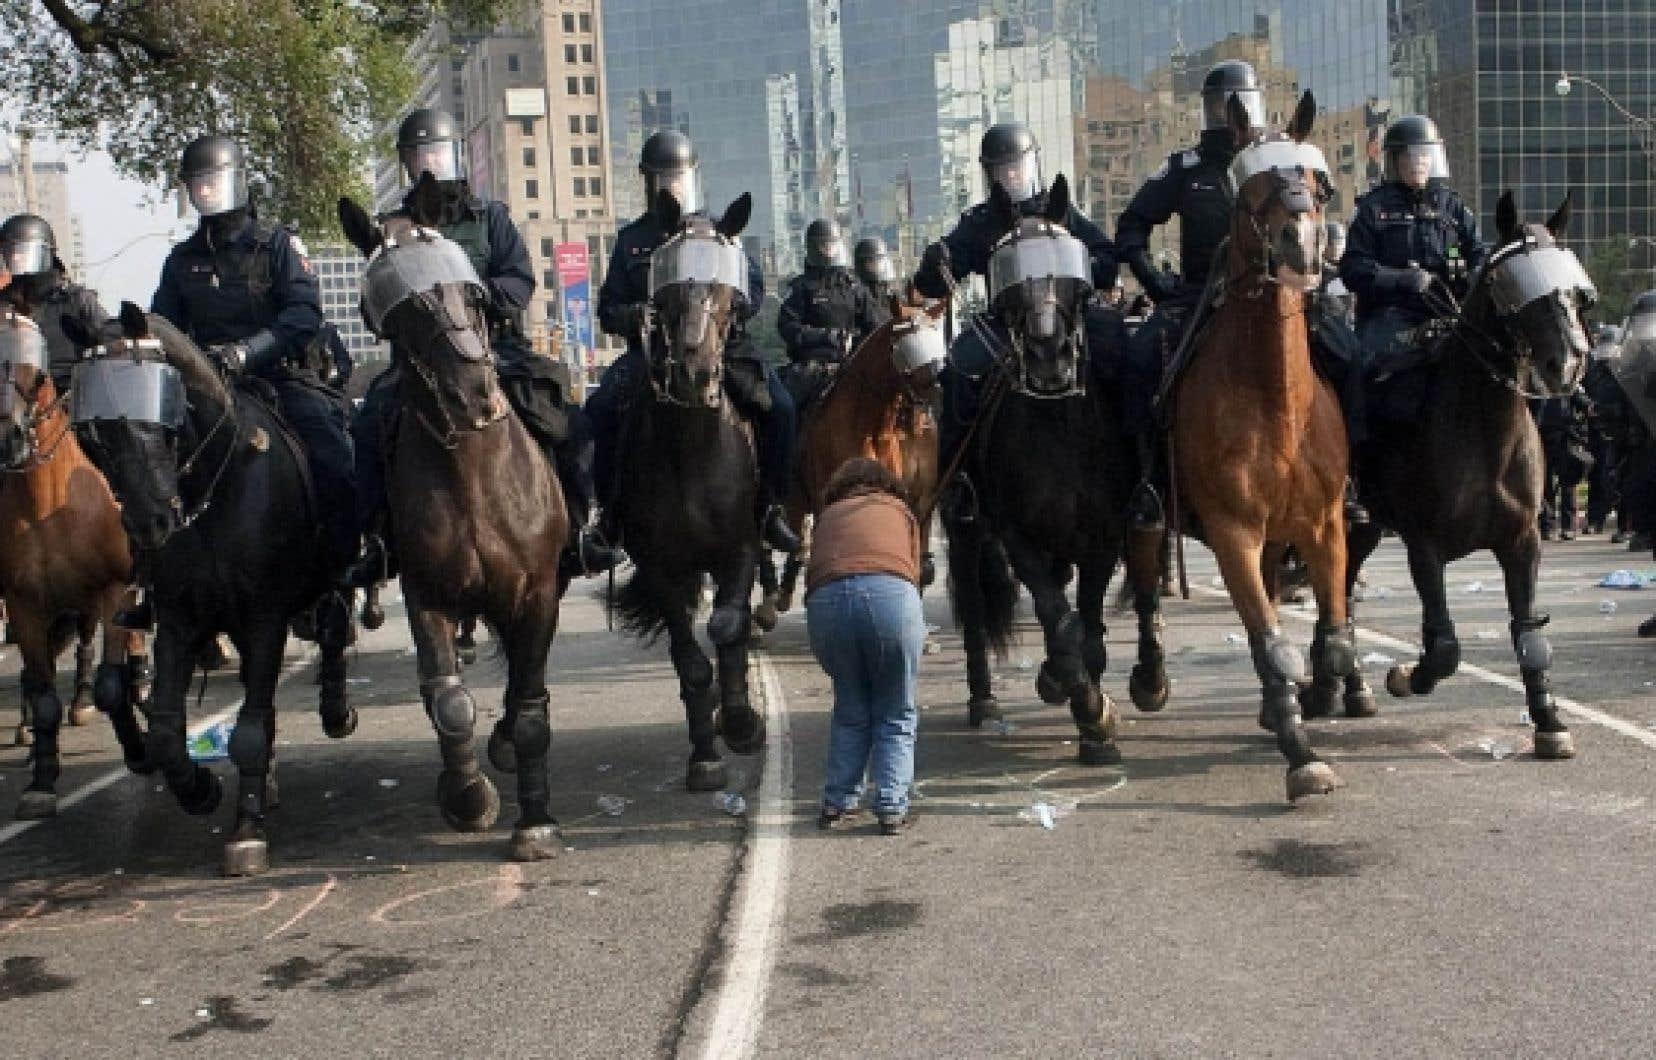 Les autorités policières des pays qui reçoivent des sommets importants semblent avoir de plus en plus de difficulté à trouver un équilibre entre liberté et sécurité, menaces et manifestations.<br />